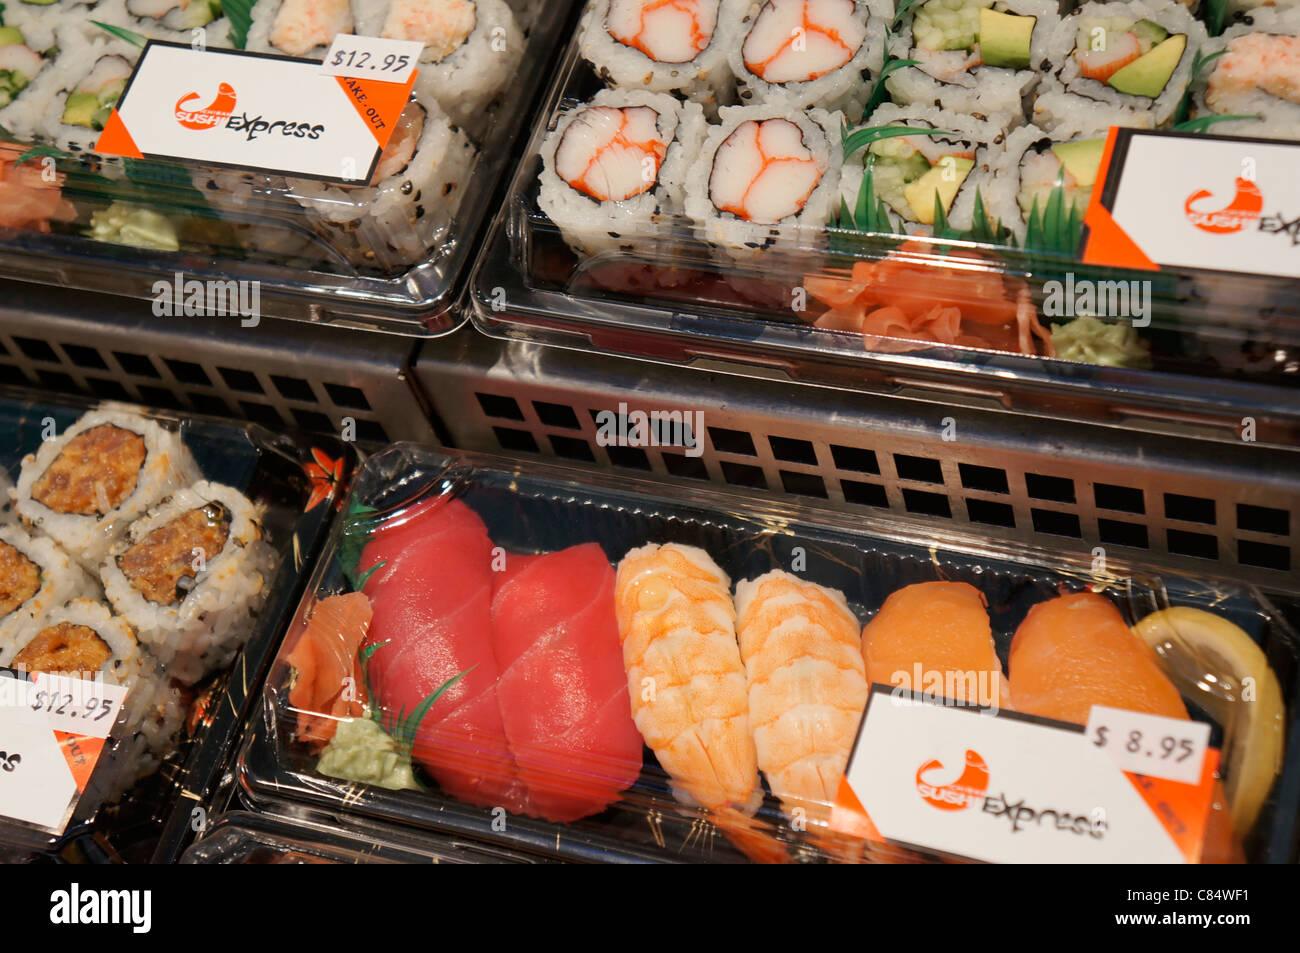 Sushi envasados en recipientes de plástico, en el frigorífico/congelador sección Imagen De Stock